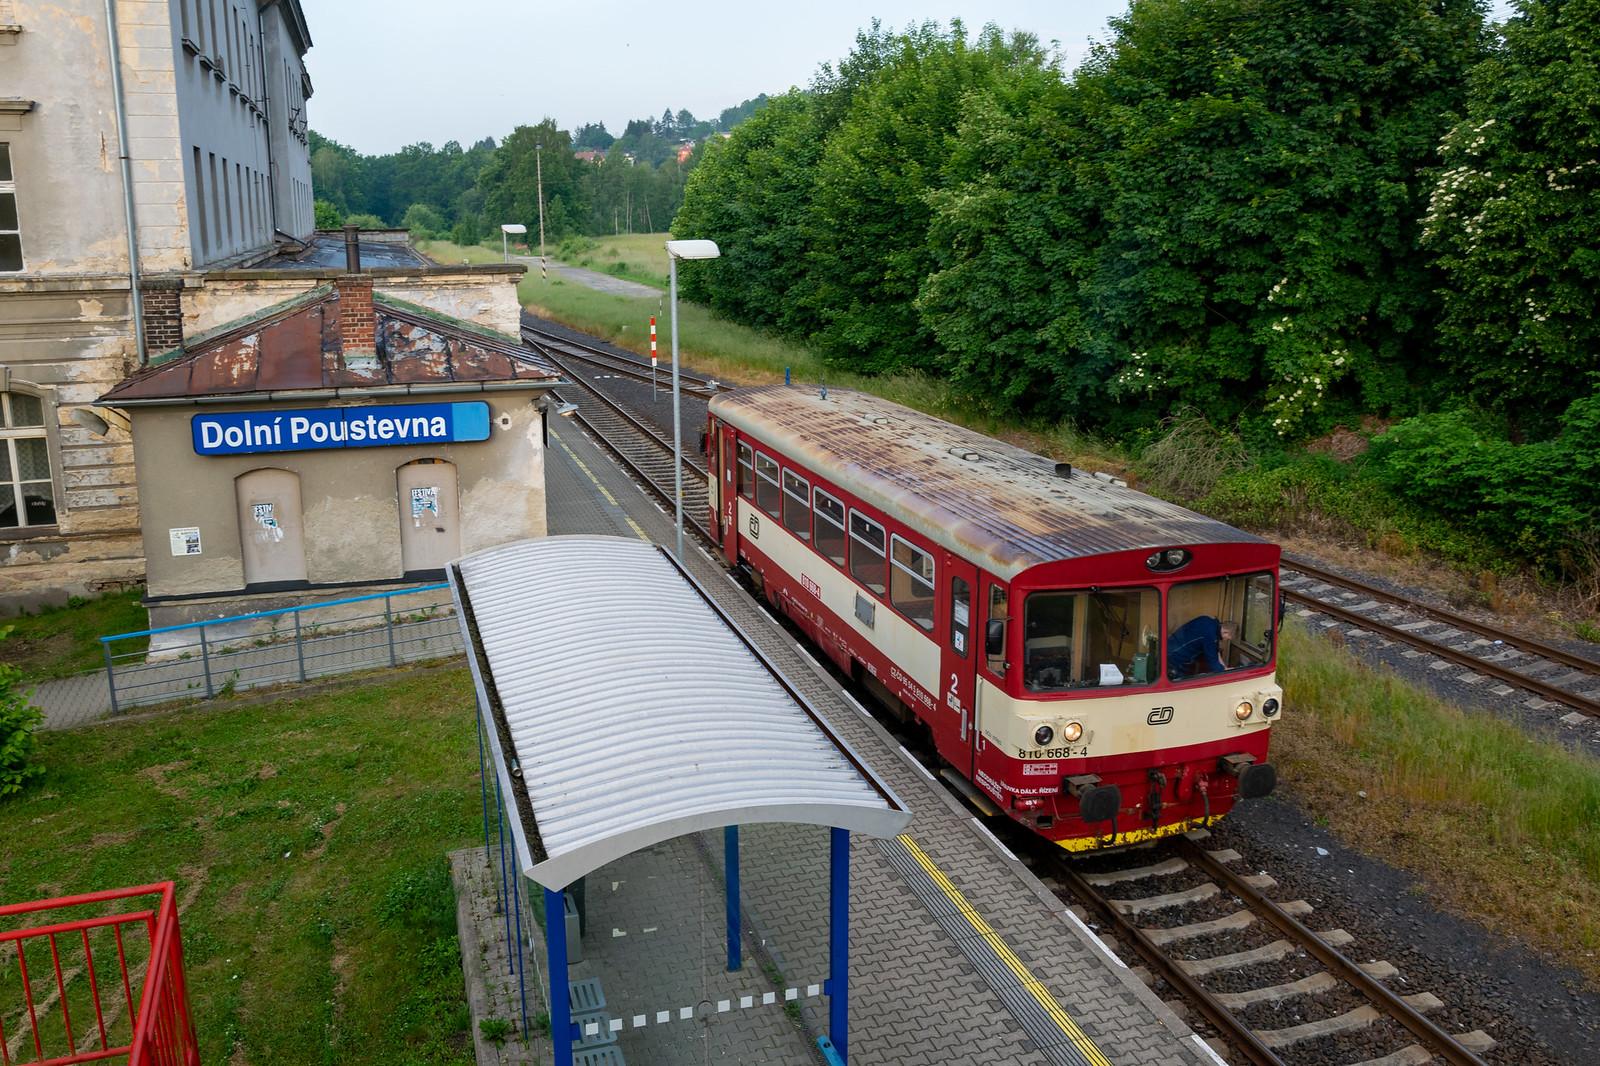 810 668 in Dolní Poustevna